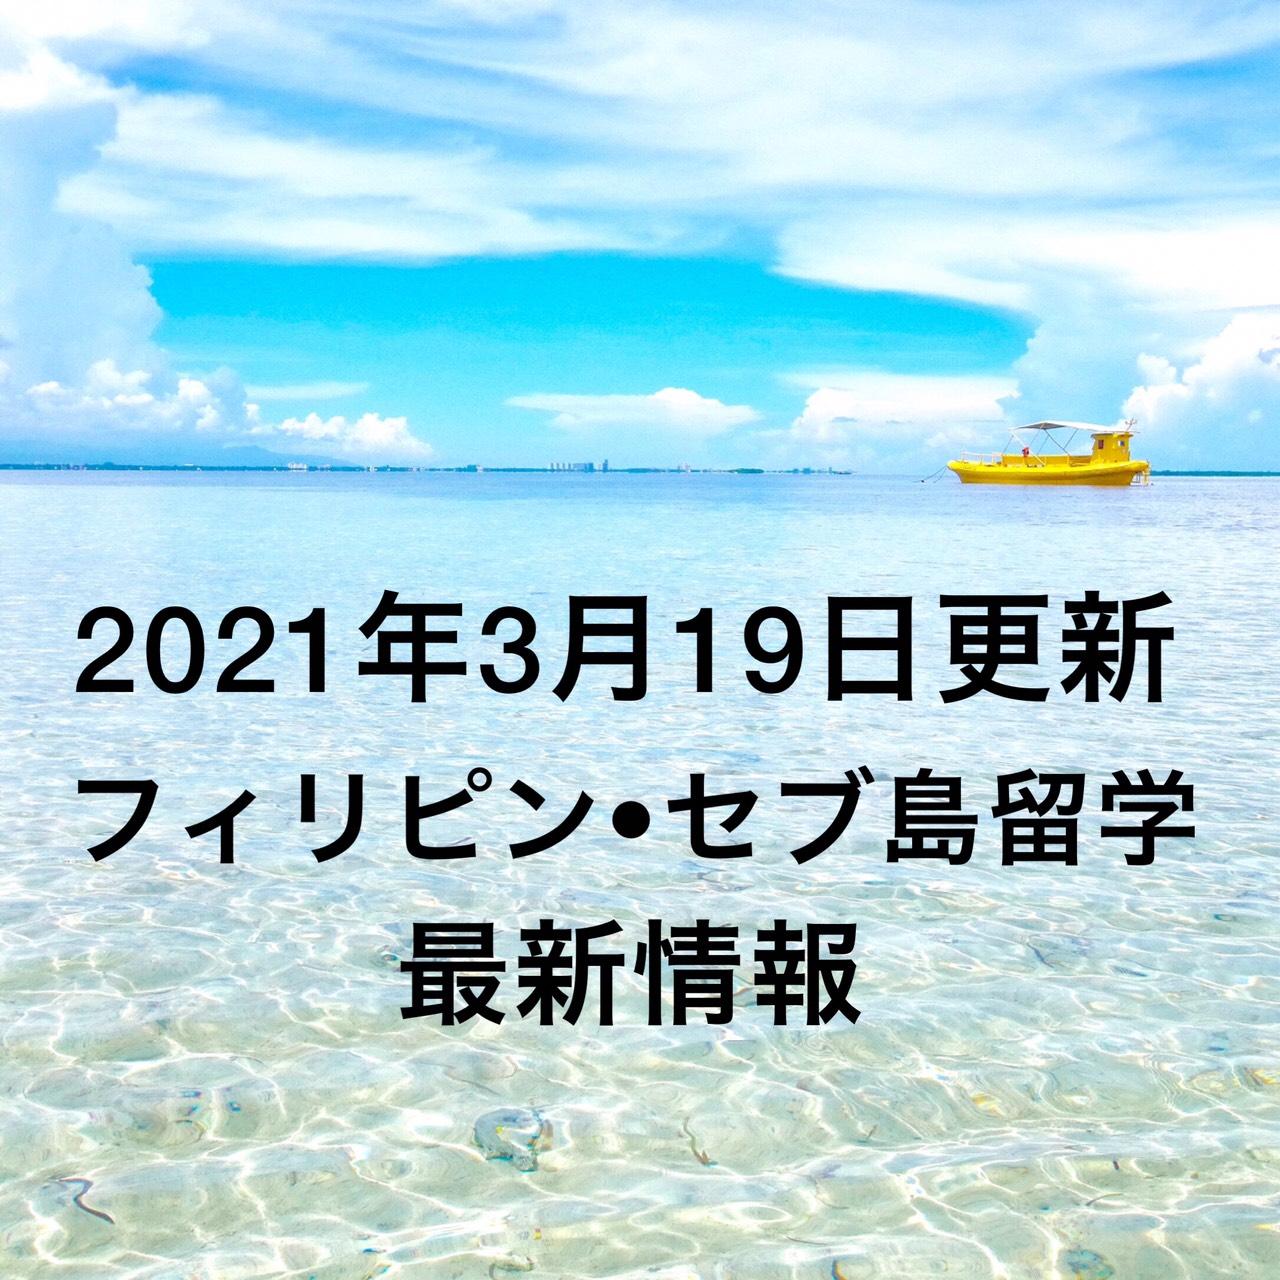 【2021年3月19日更新】☆フィリピン・セブ島留学最新情報☆